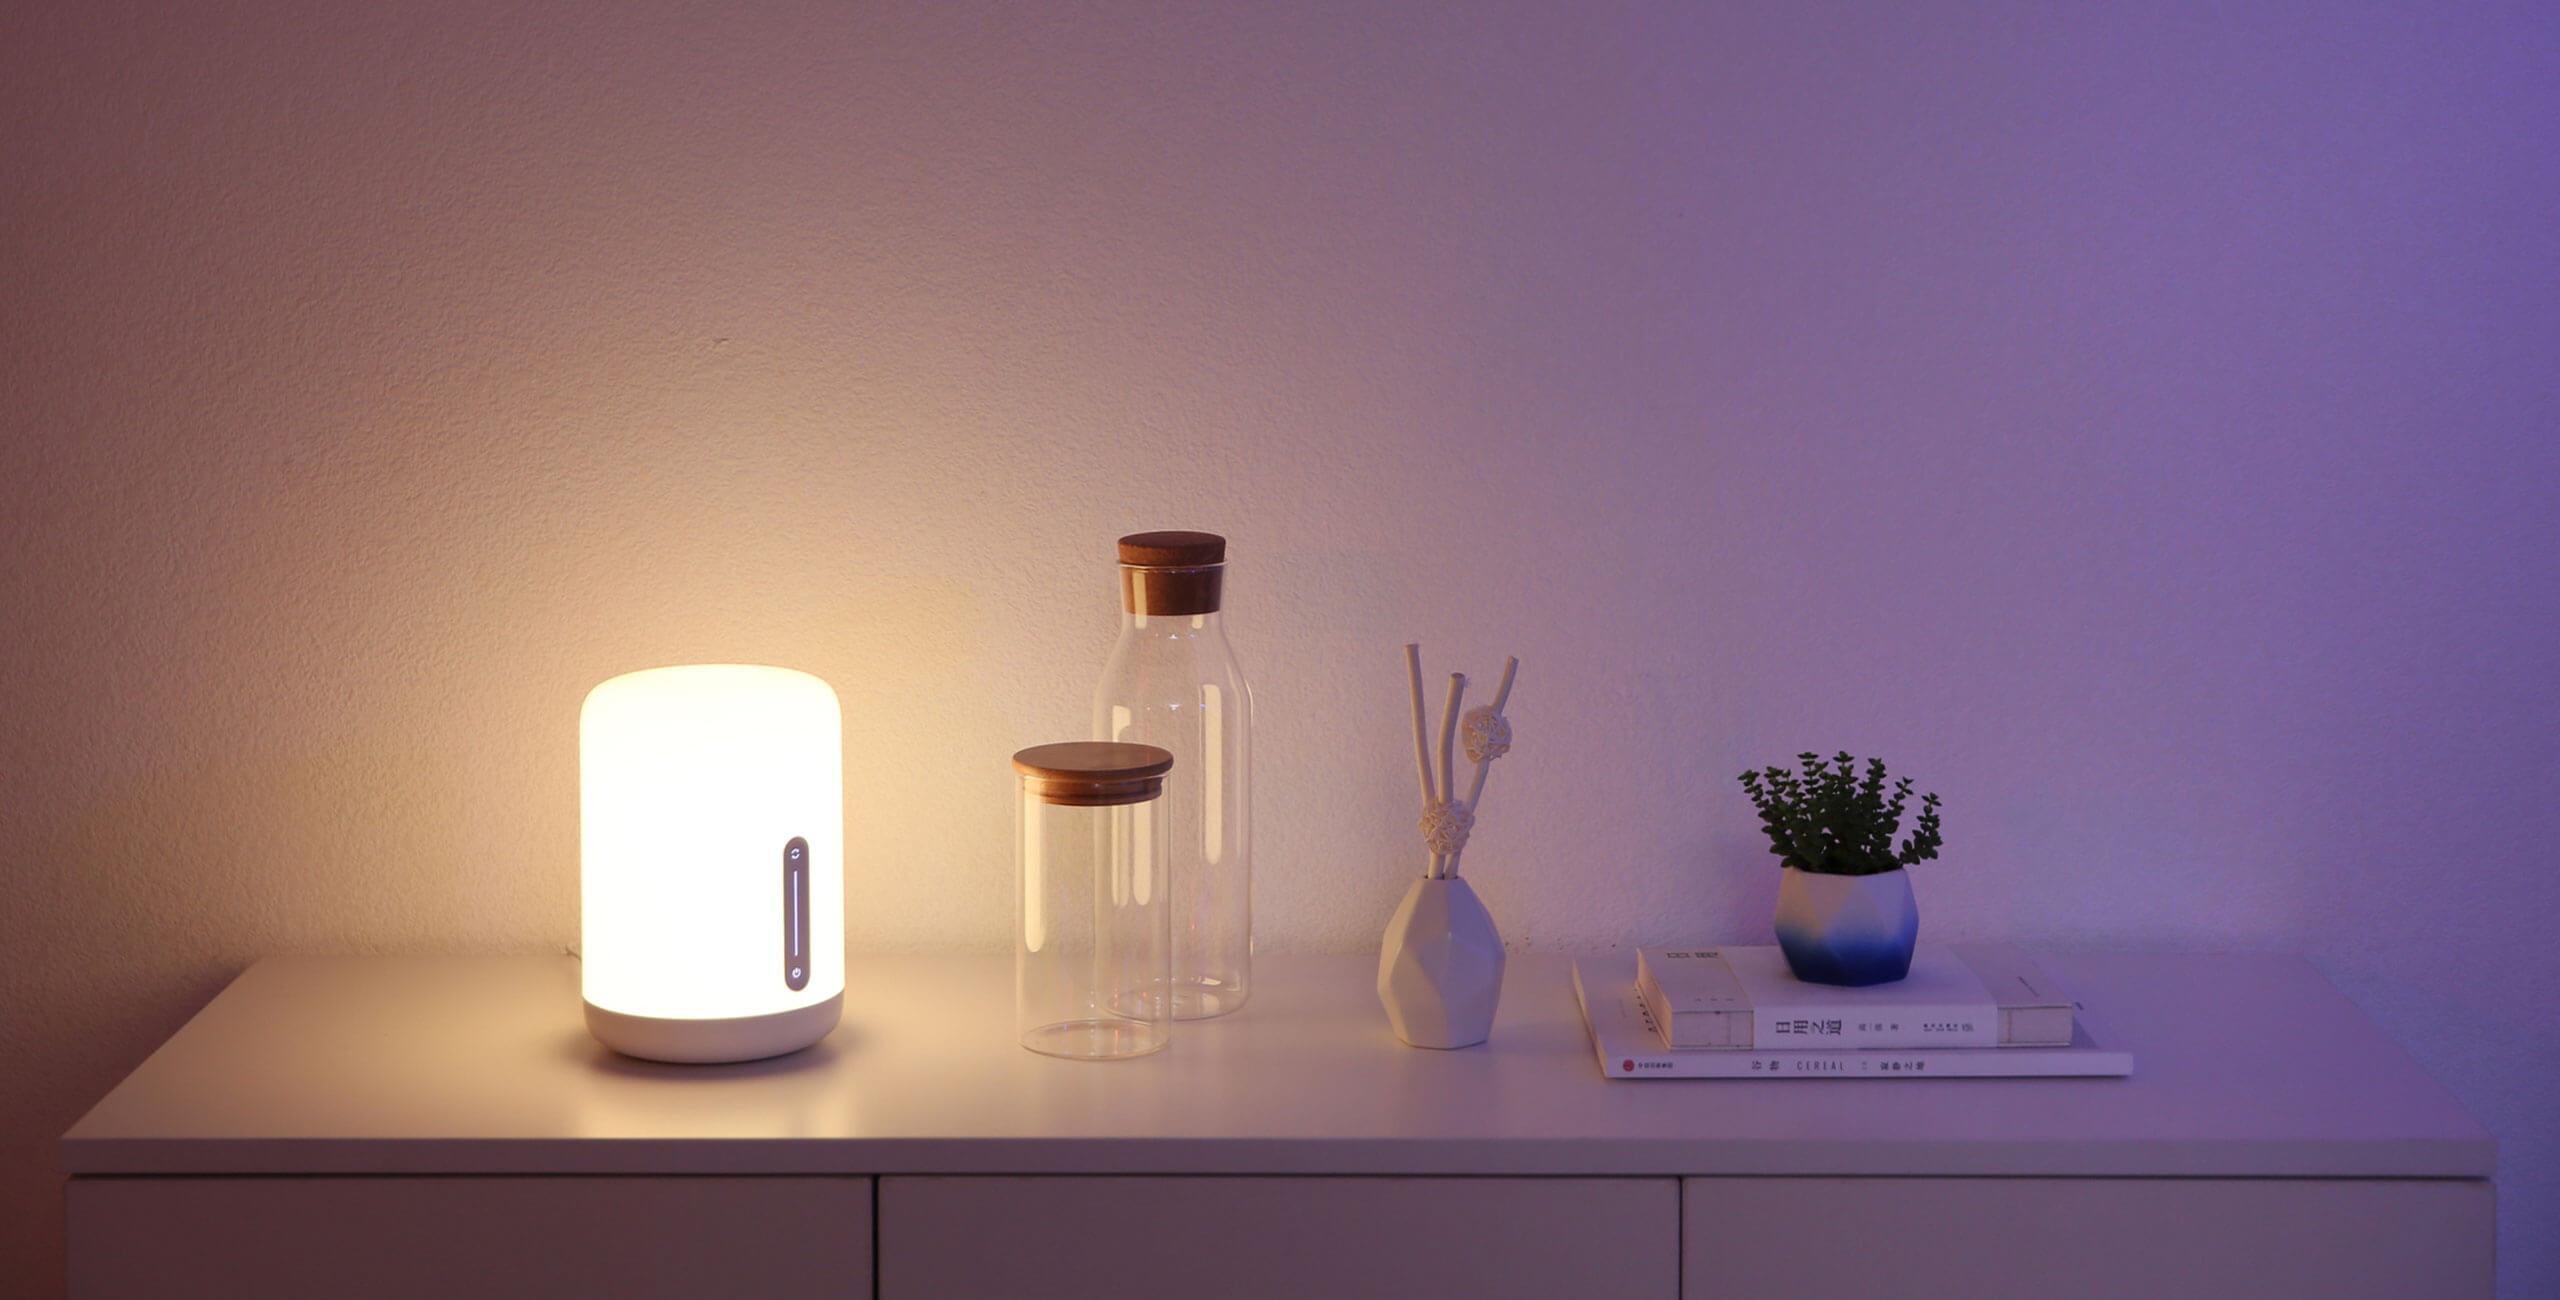 mj-bedsidelamp2-2-4.jpg